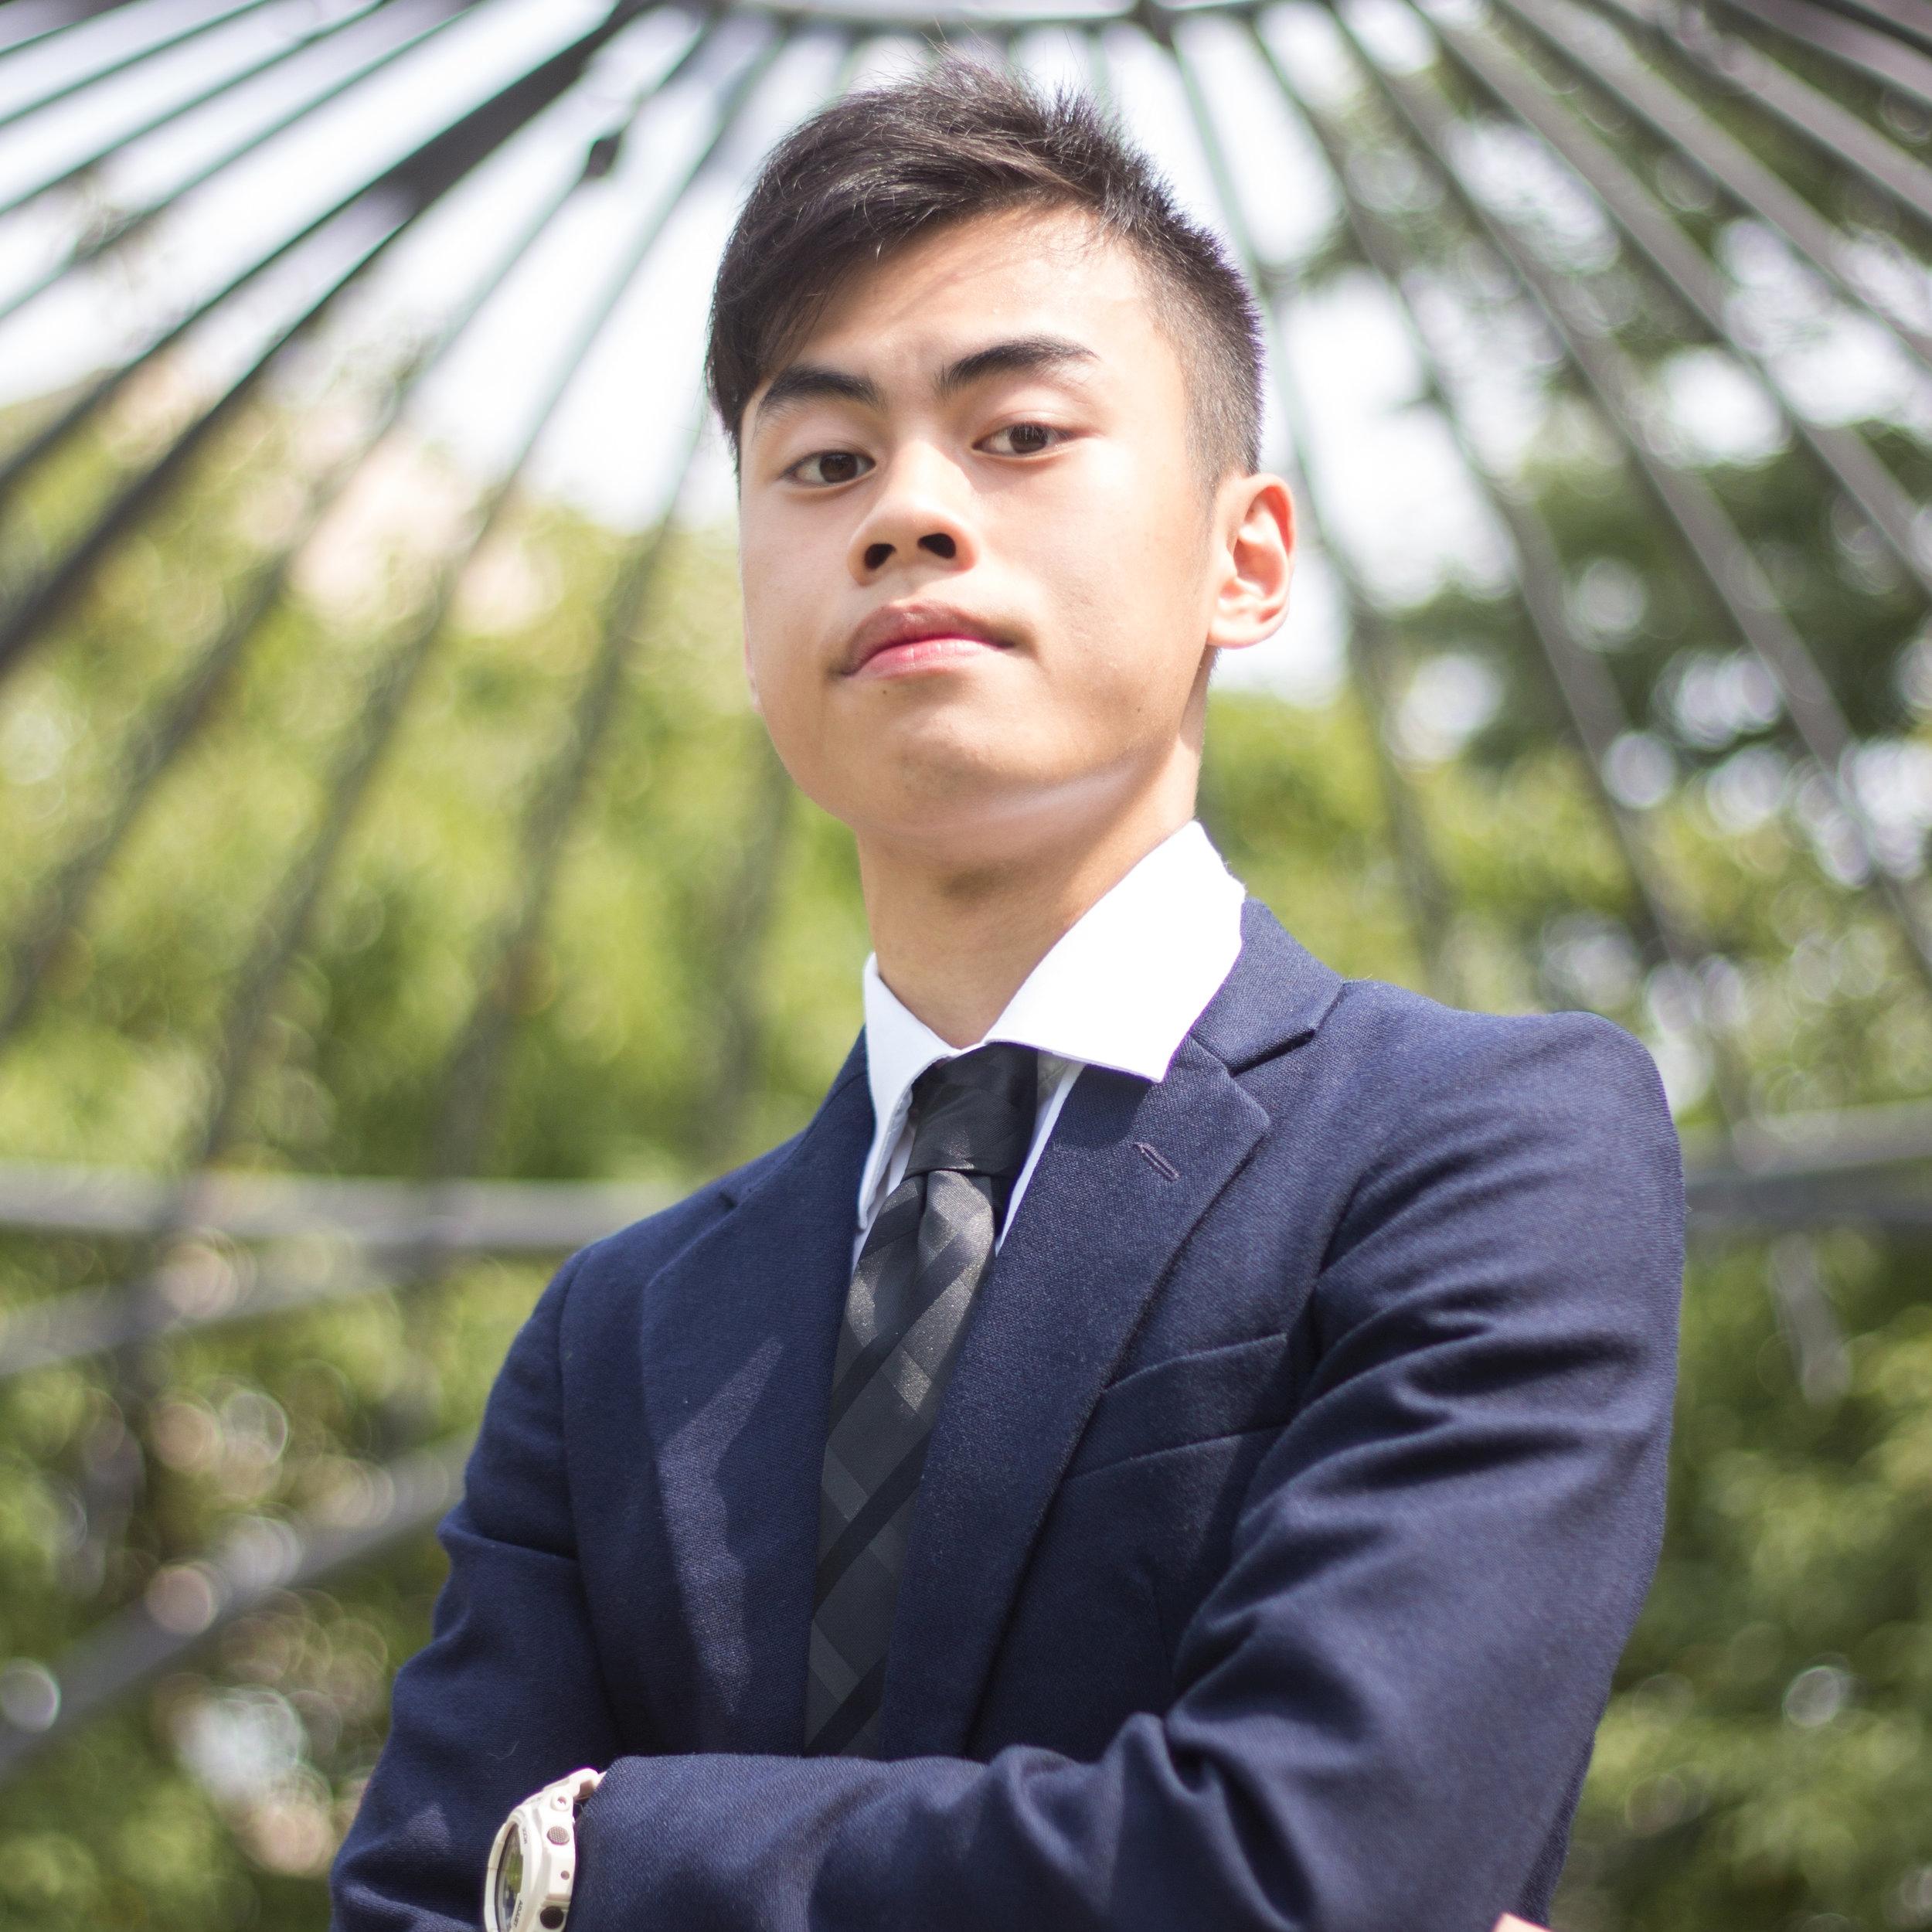 Jamie La - general Associate  2nd year, undeclared major